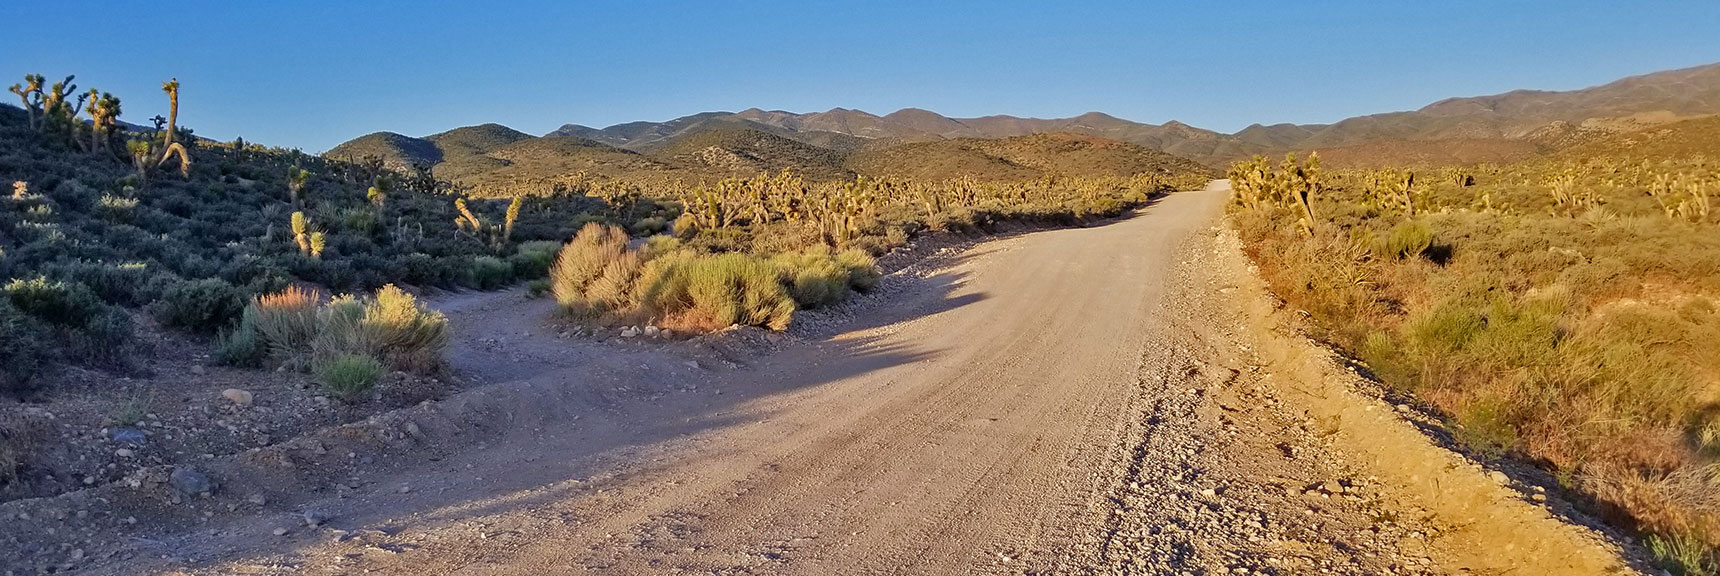 4WD Road Toward La Madre Mountain Splits Off from Harris Springs Road | La Madre Mountain Northern Approach, Nevada